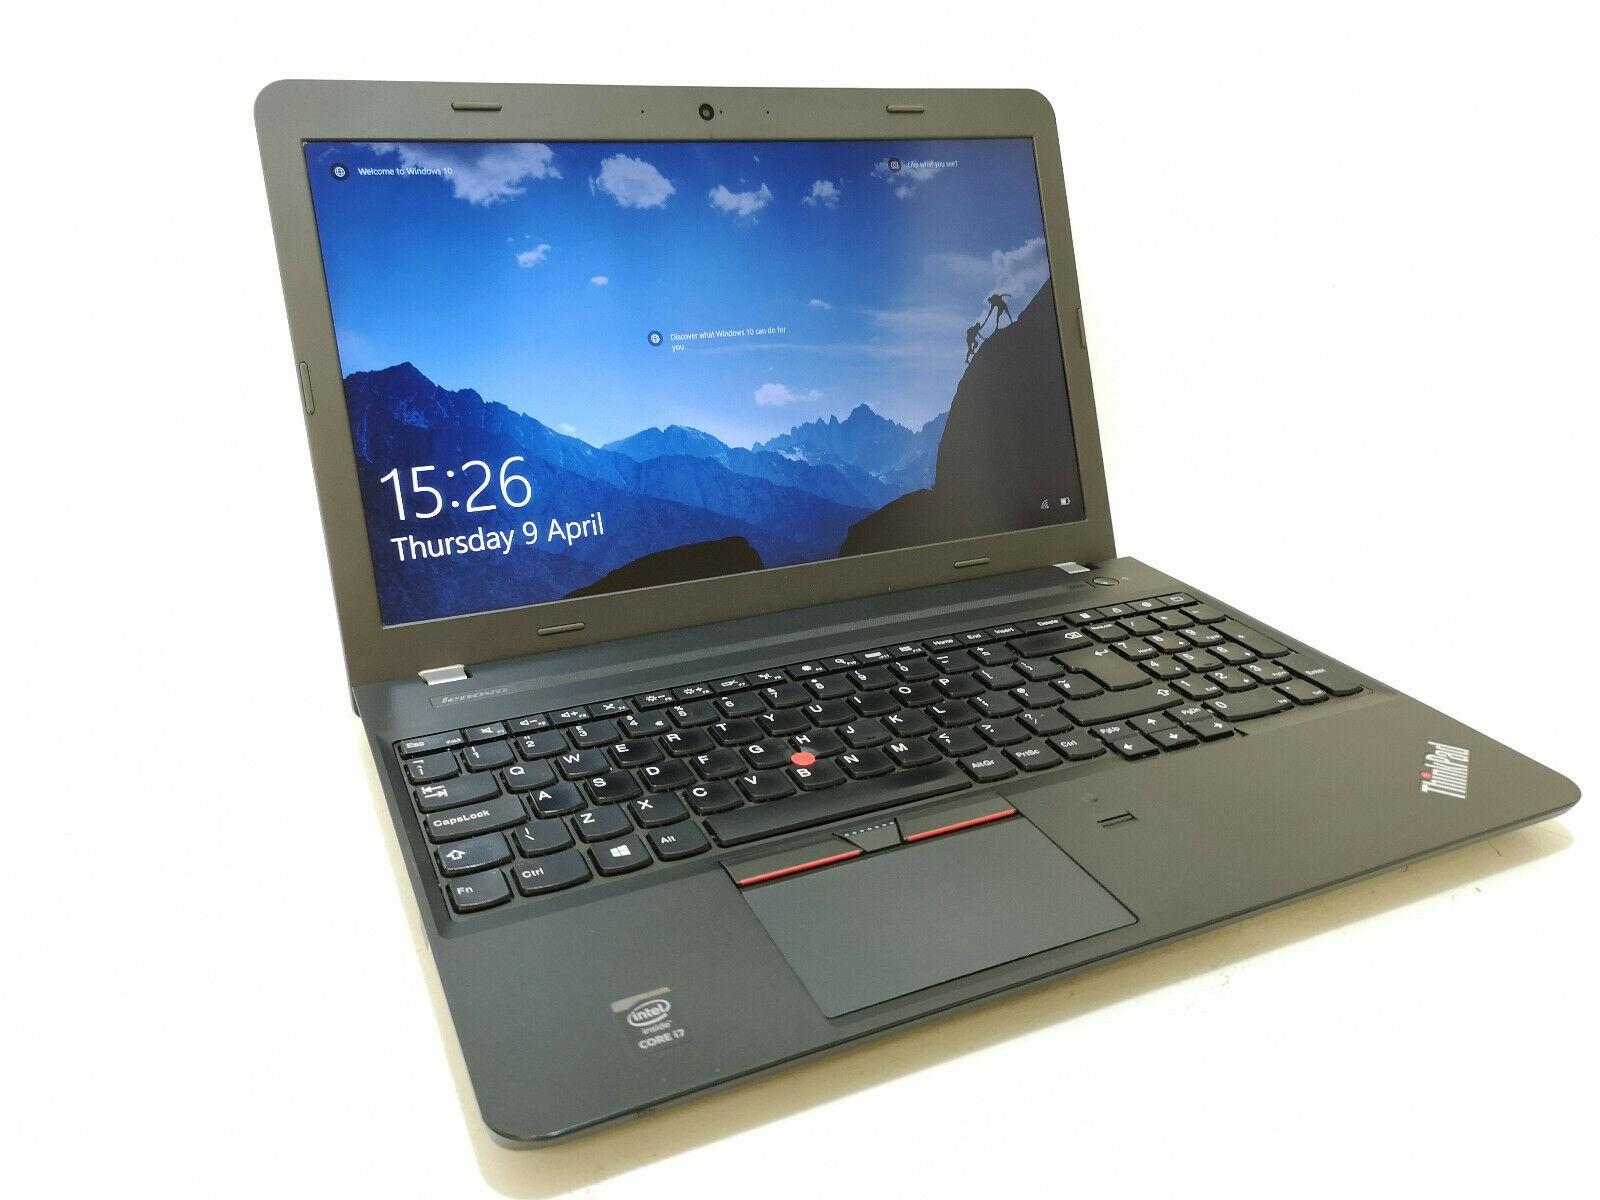 صفحه نمایش لپ تاپ Lenovo ThinkPad E550